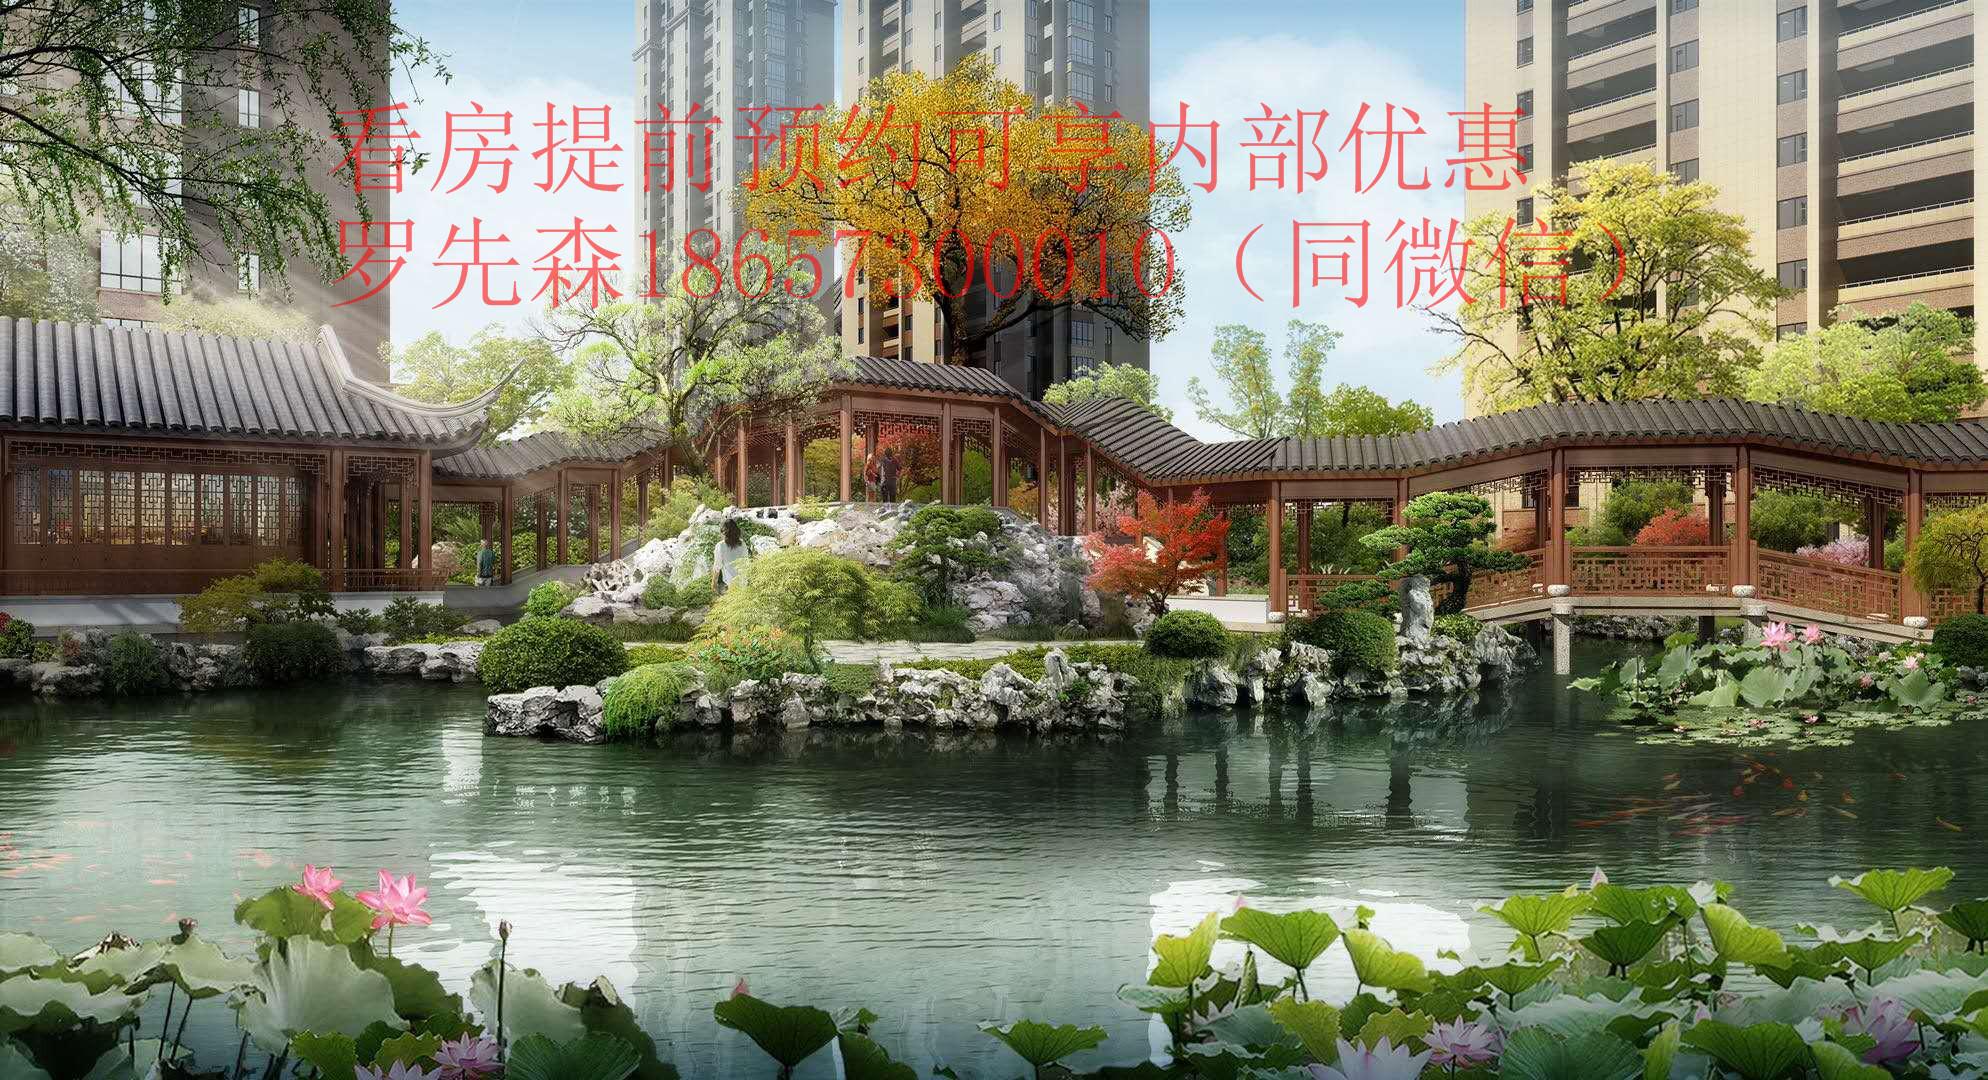 金义都市新区、141平、4房2厅2卫、边套、湖景房